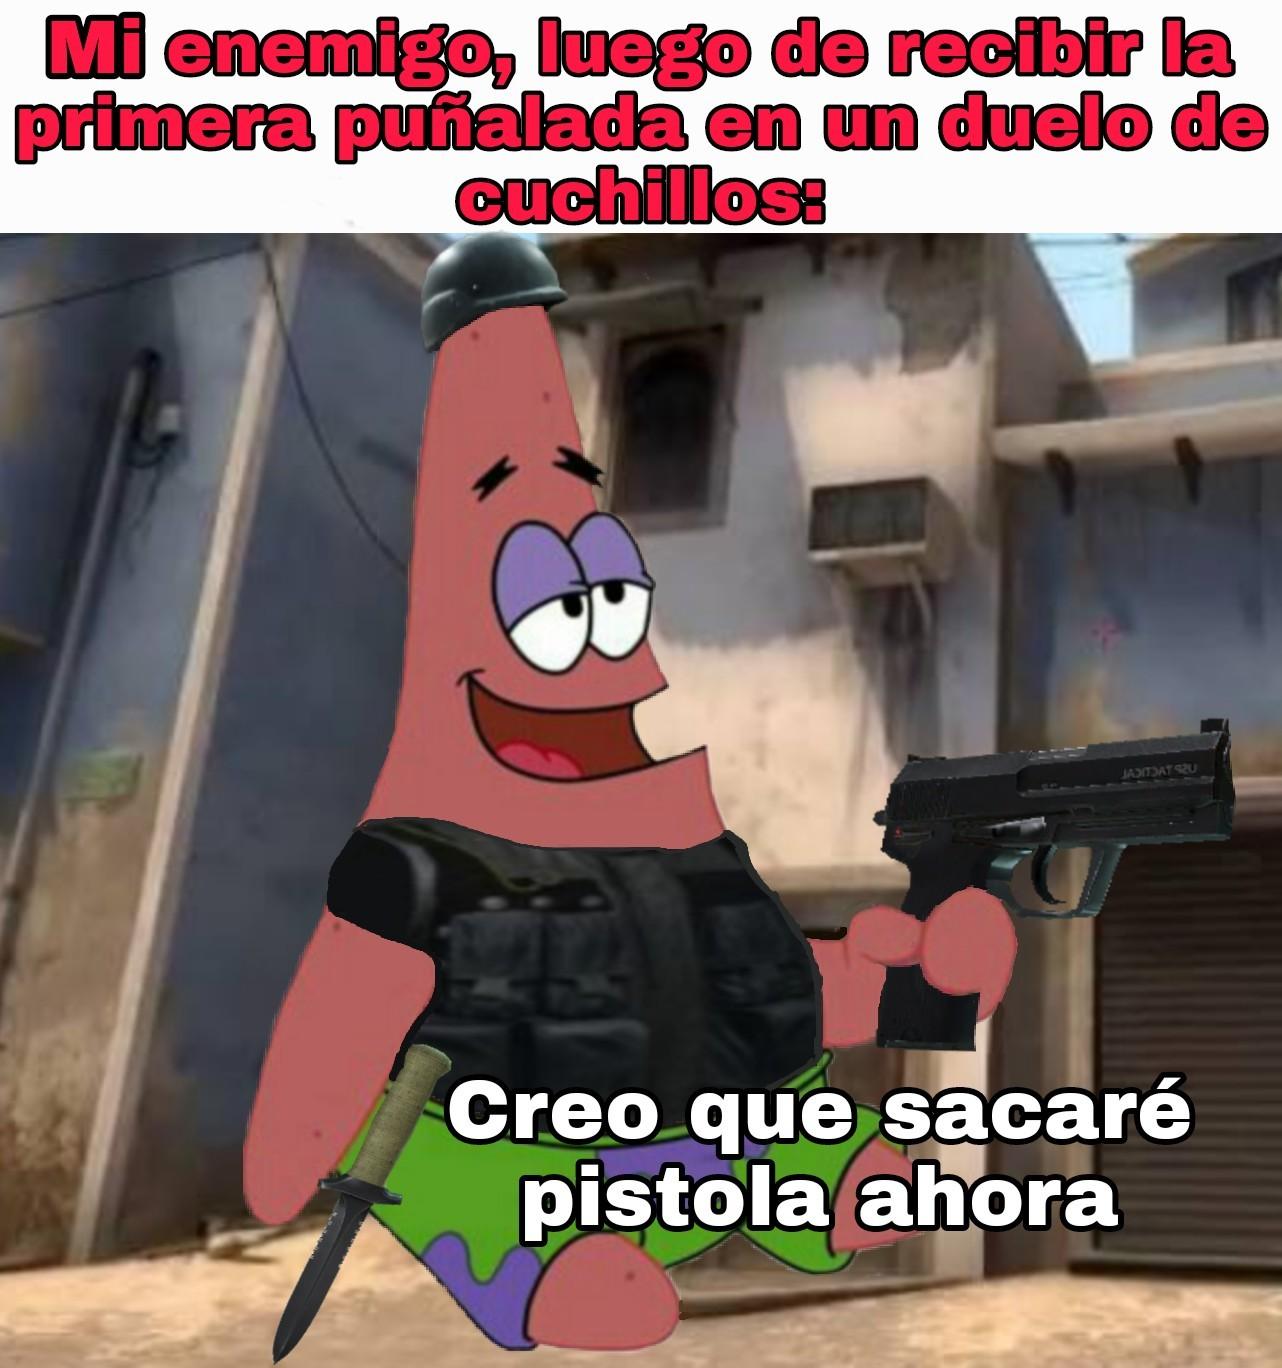 Retrolaso - meme